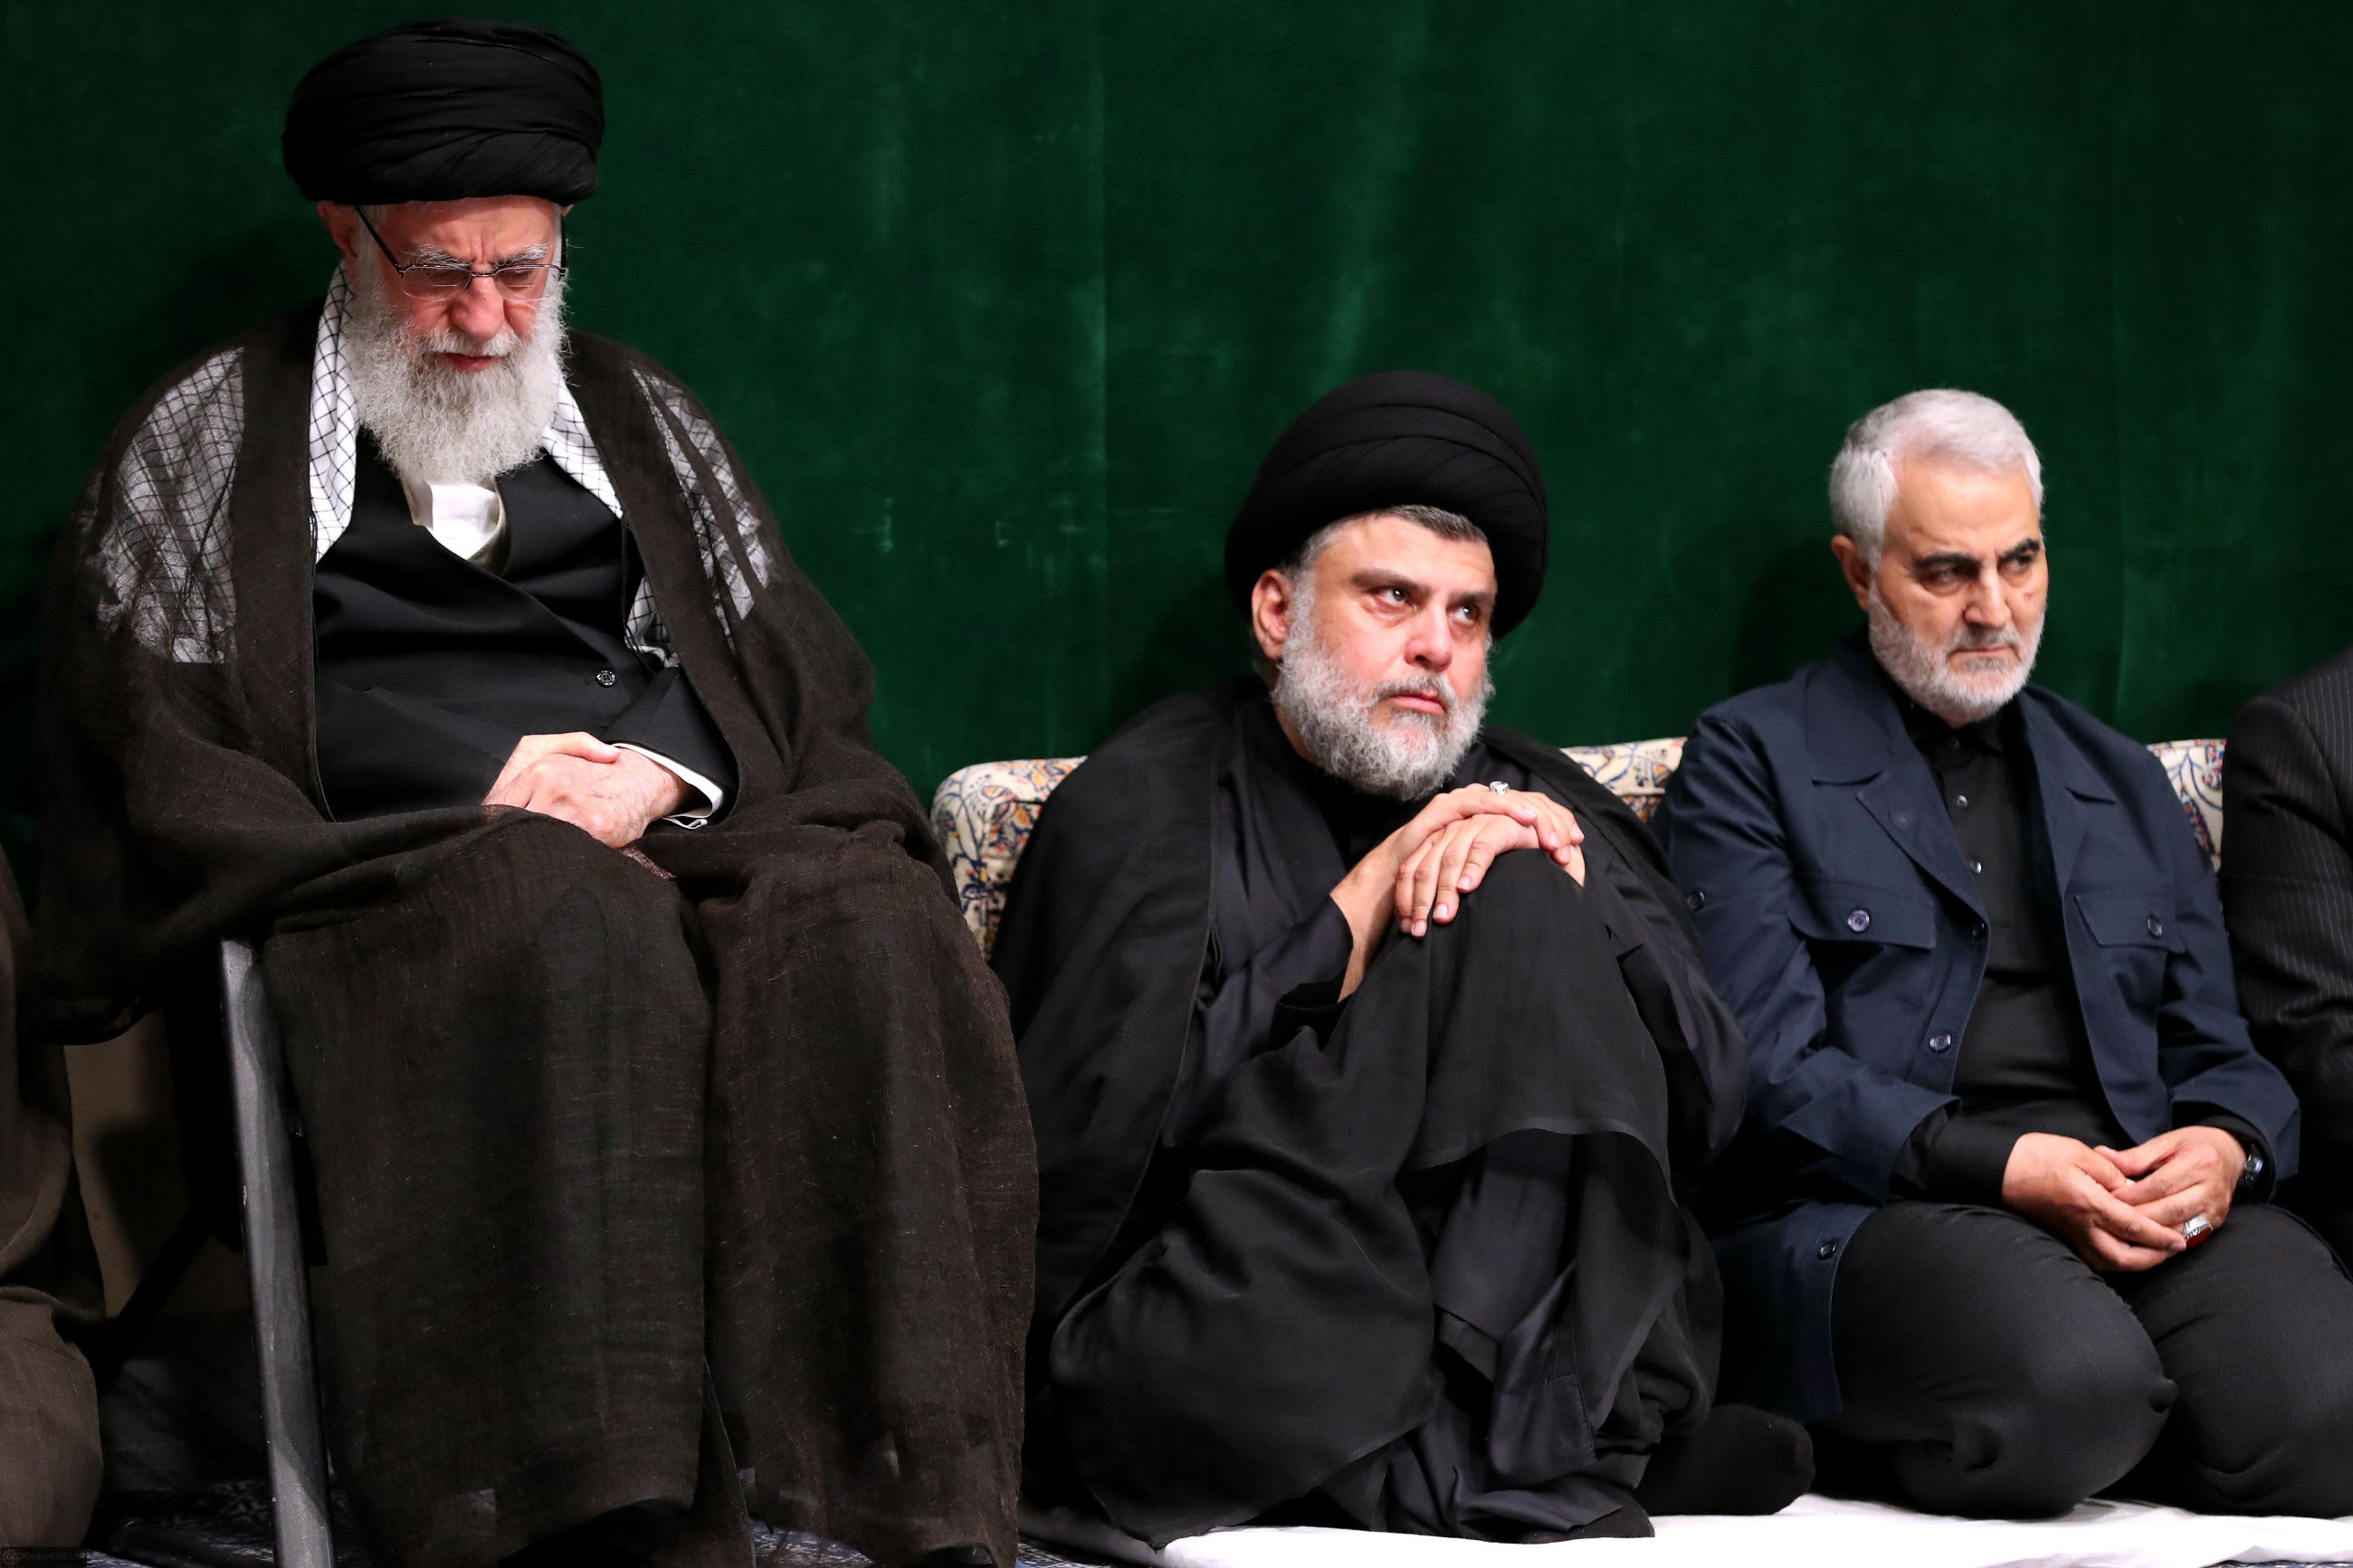 مقتدا صدر در تهران چه می کند!؟